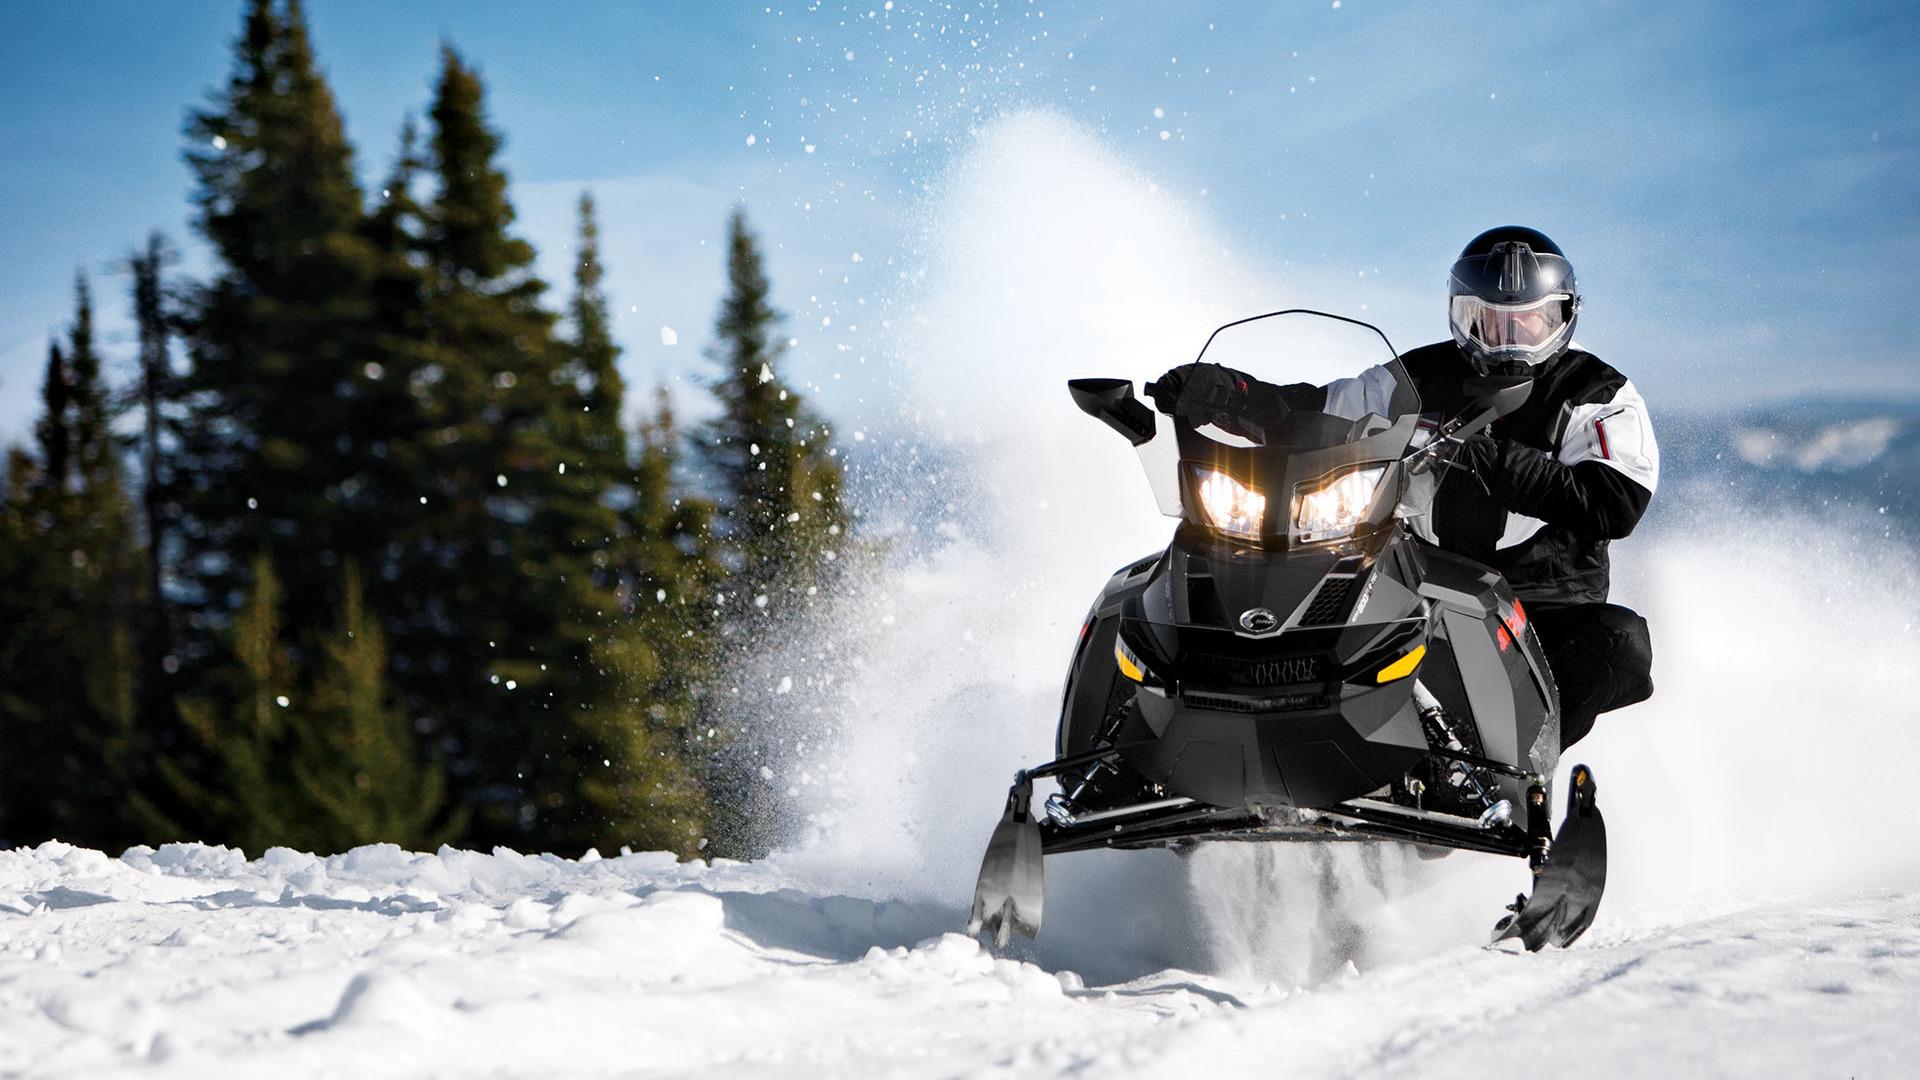 статья снегоход картинки спорт масло взбить пышности